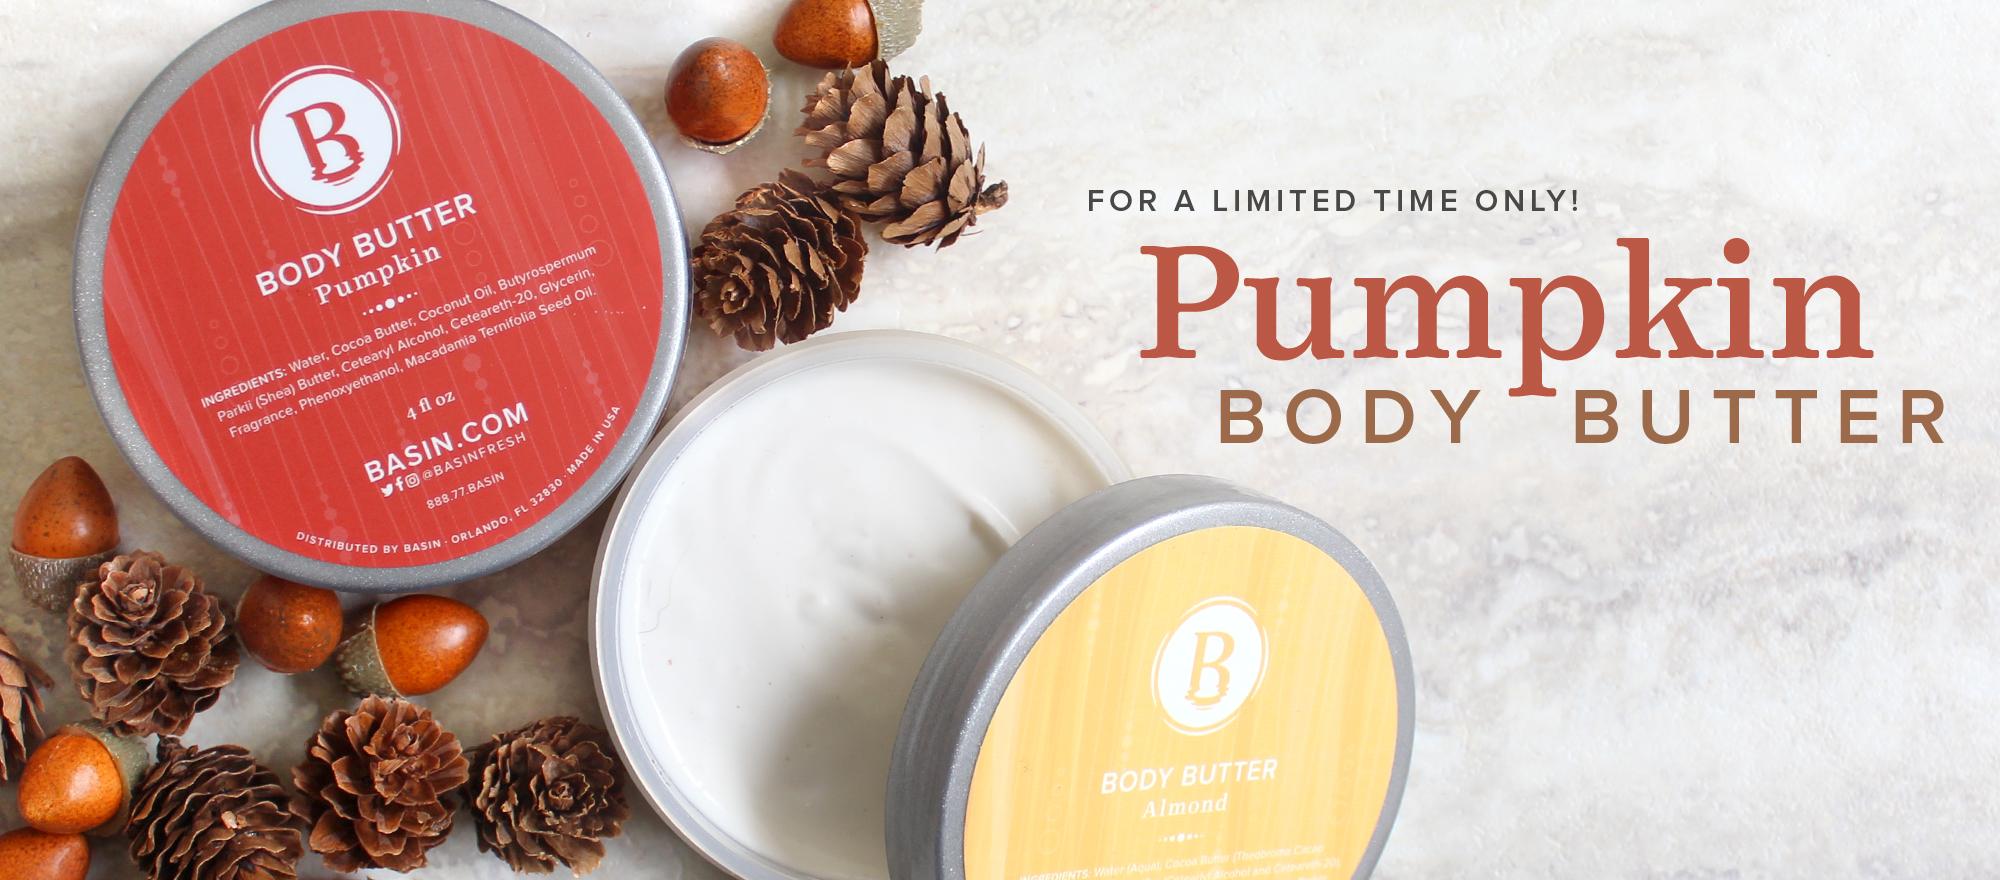 Pumpkin Body Butter (NEW!)